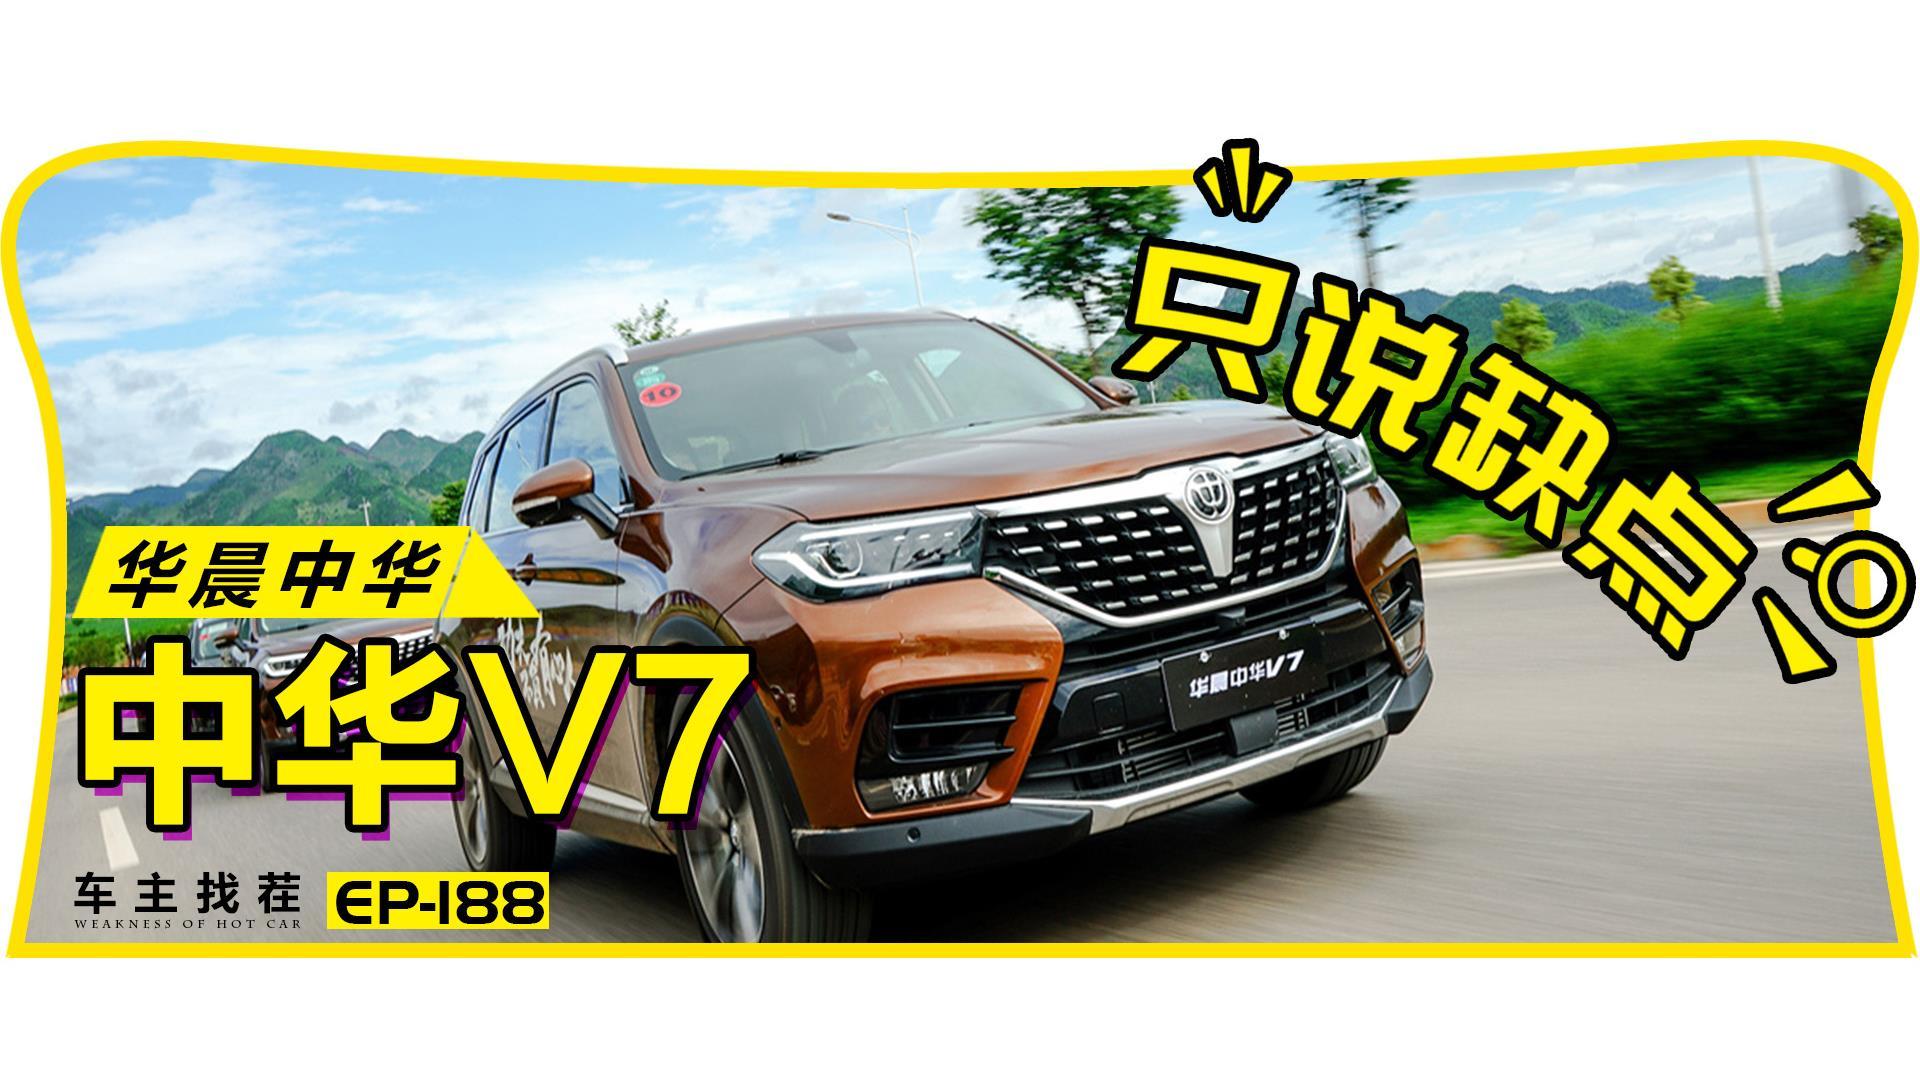 中华V7用宝马发动机都拉不动销量,看车主吐槽找原因